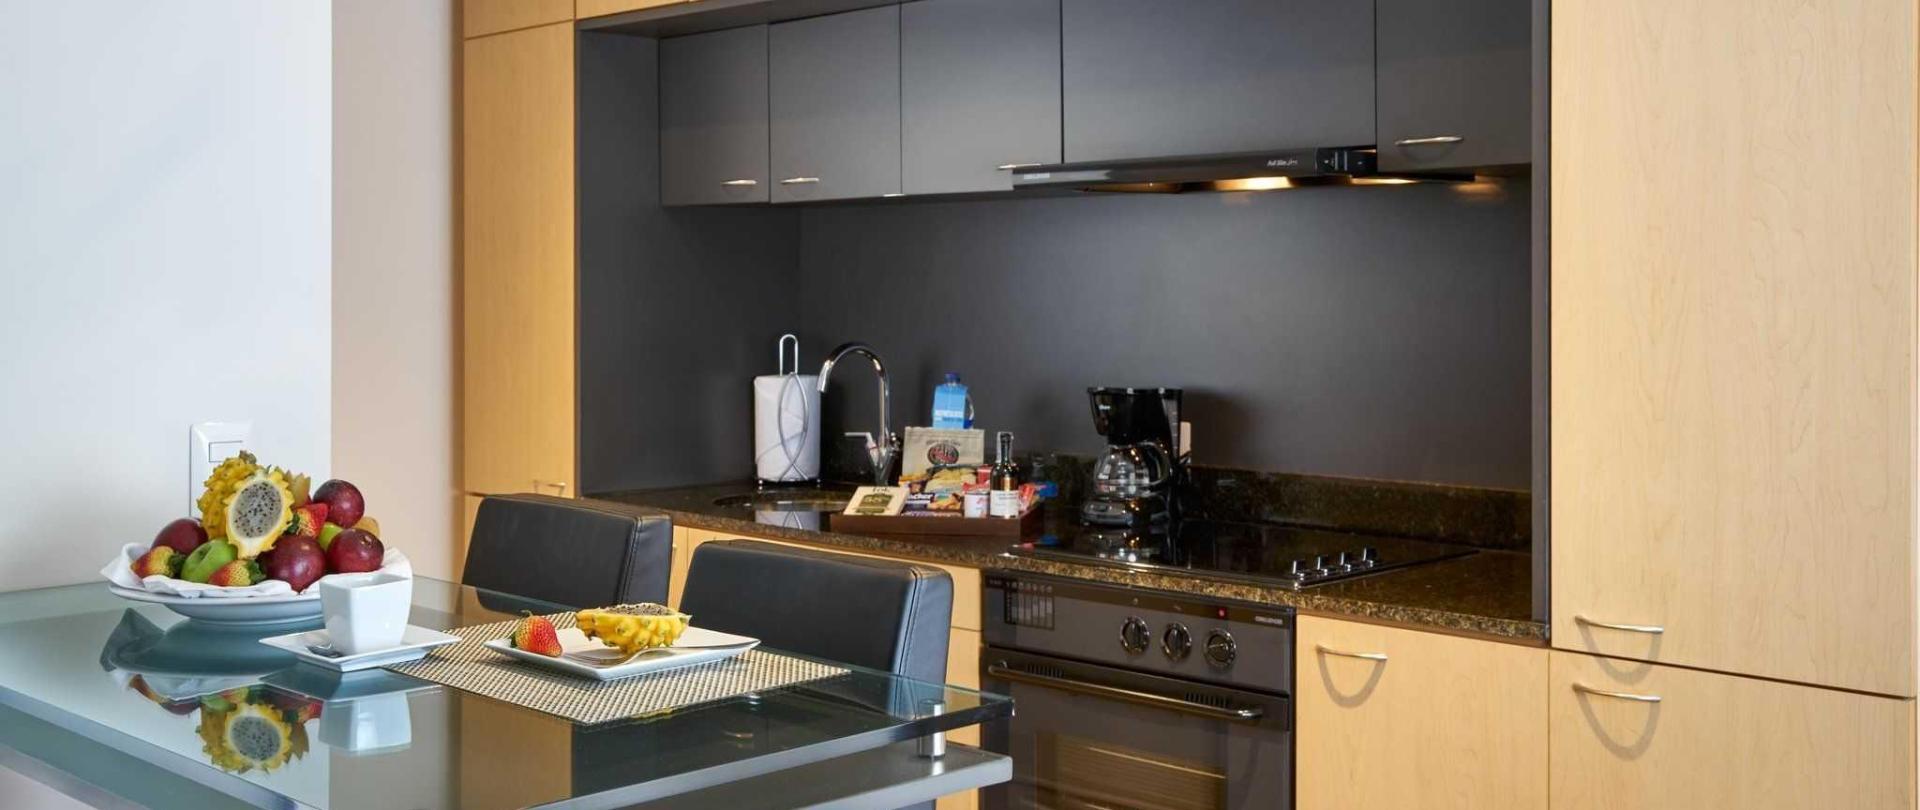 cocina-jd-ajustado-5.jpg